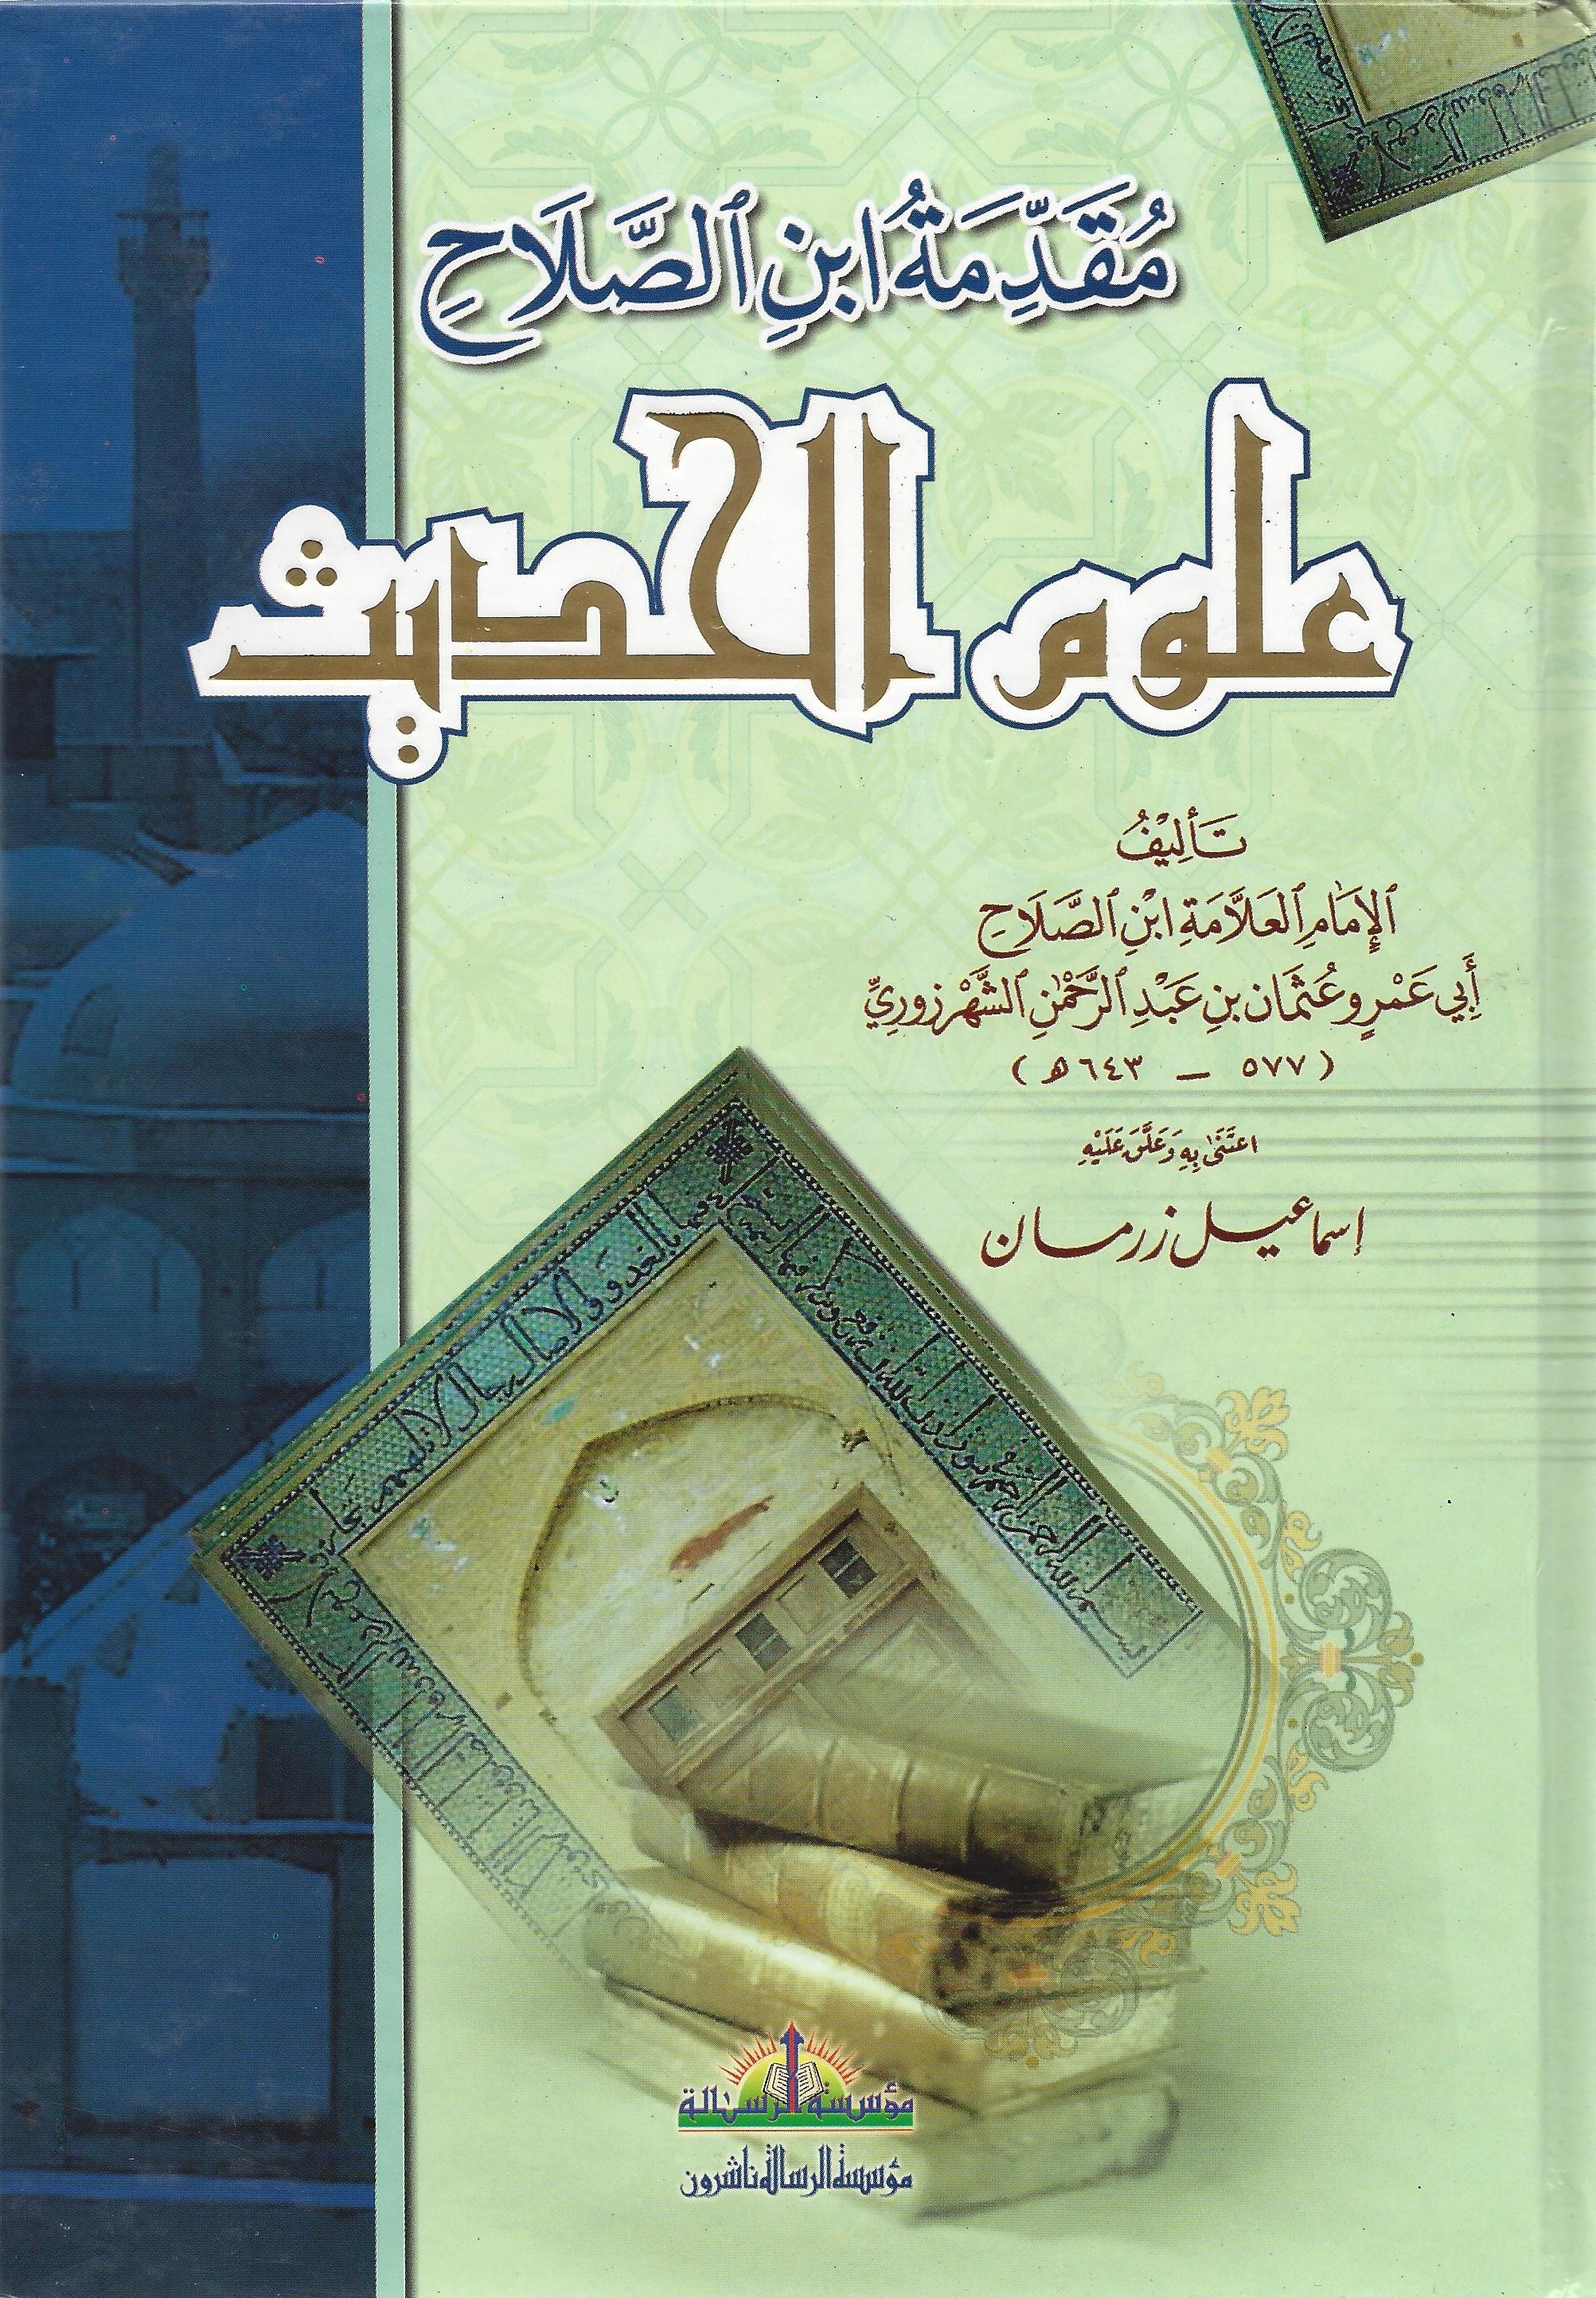 كتاب ابن الصلاح في علوم الحديث